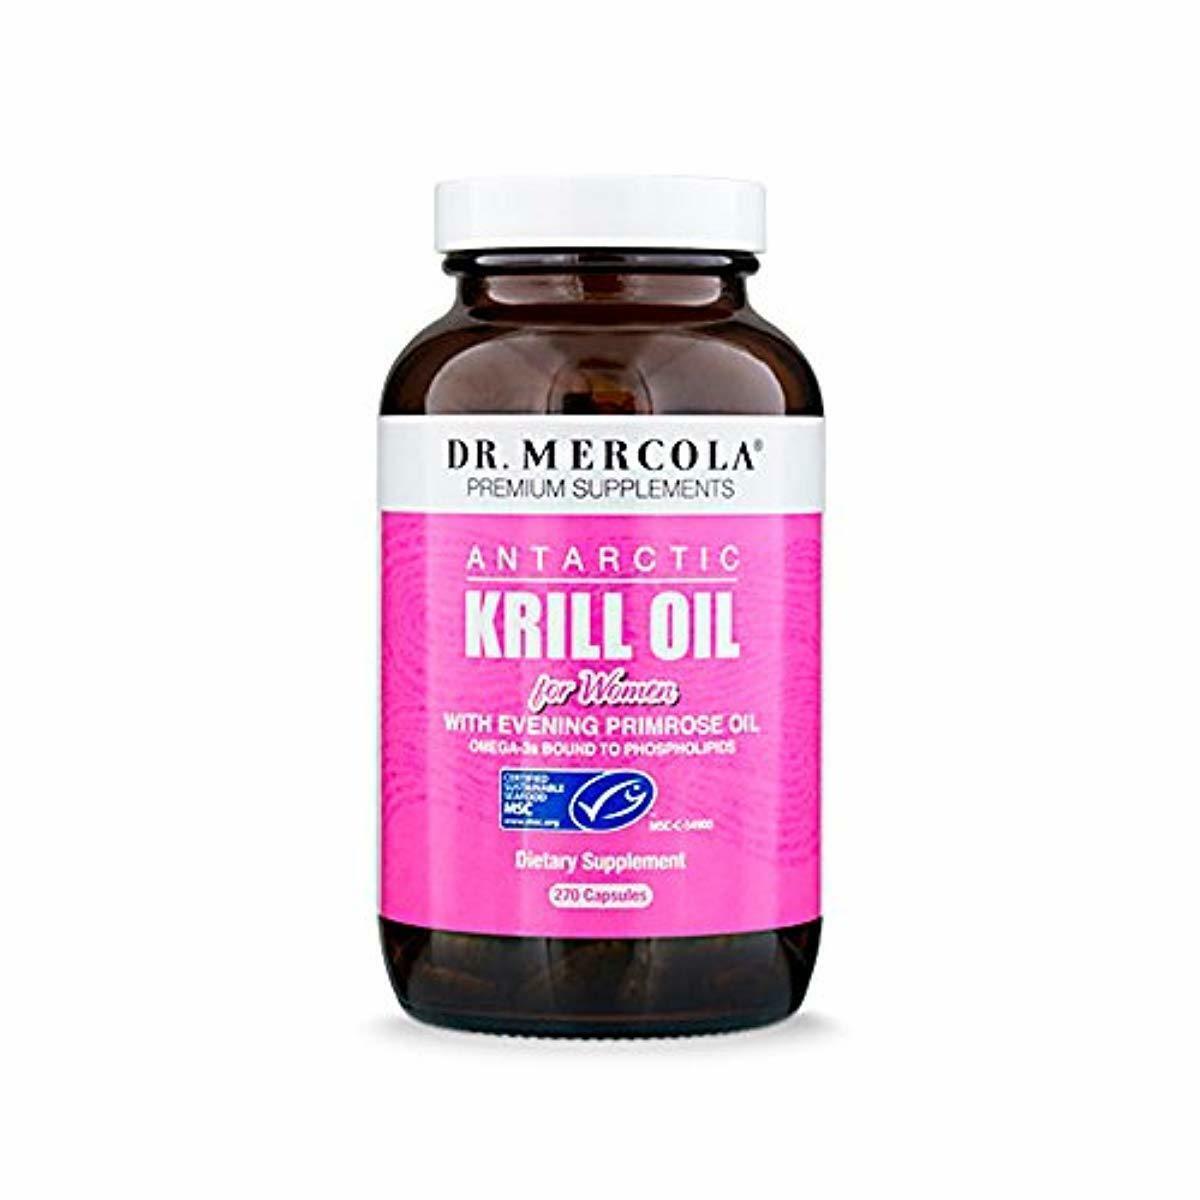 Dr. Mercola Antarctic Krill Oil for Women - 270 Capsules - W